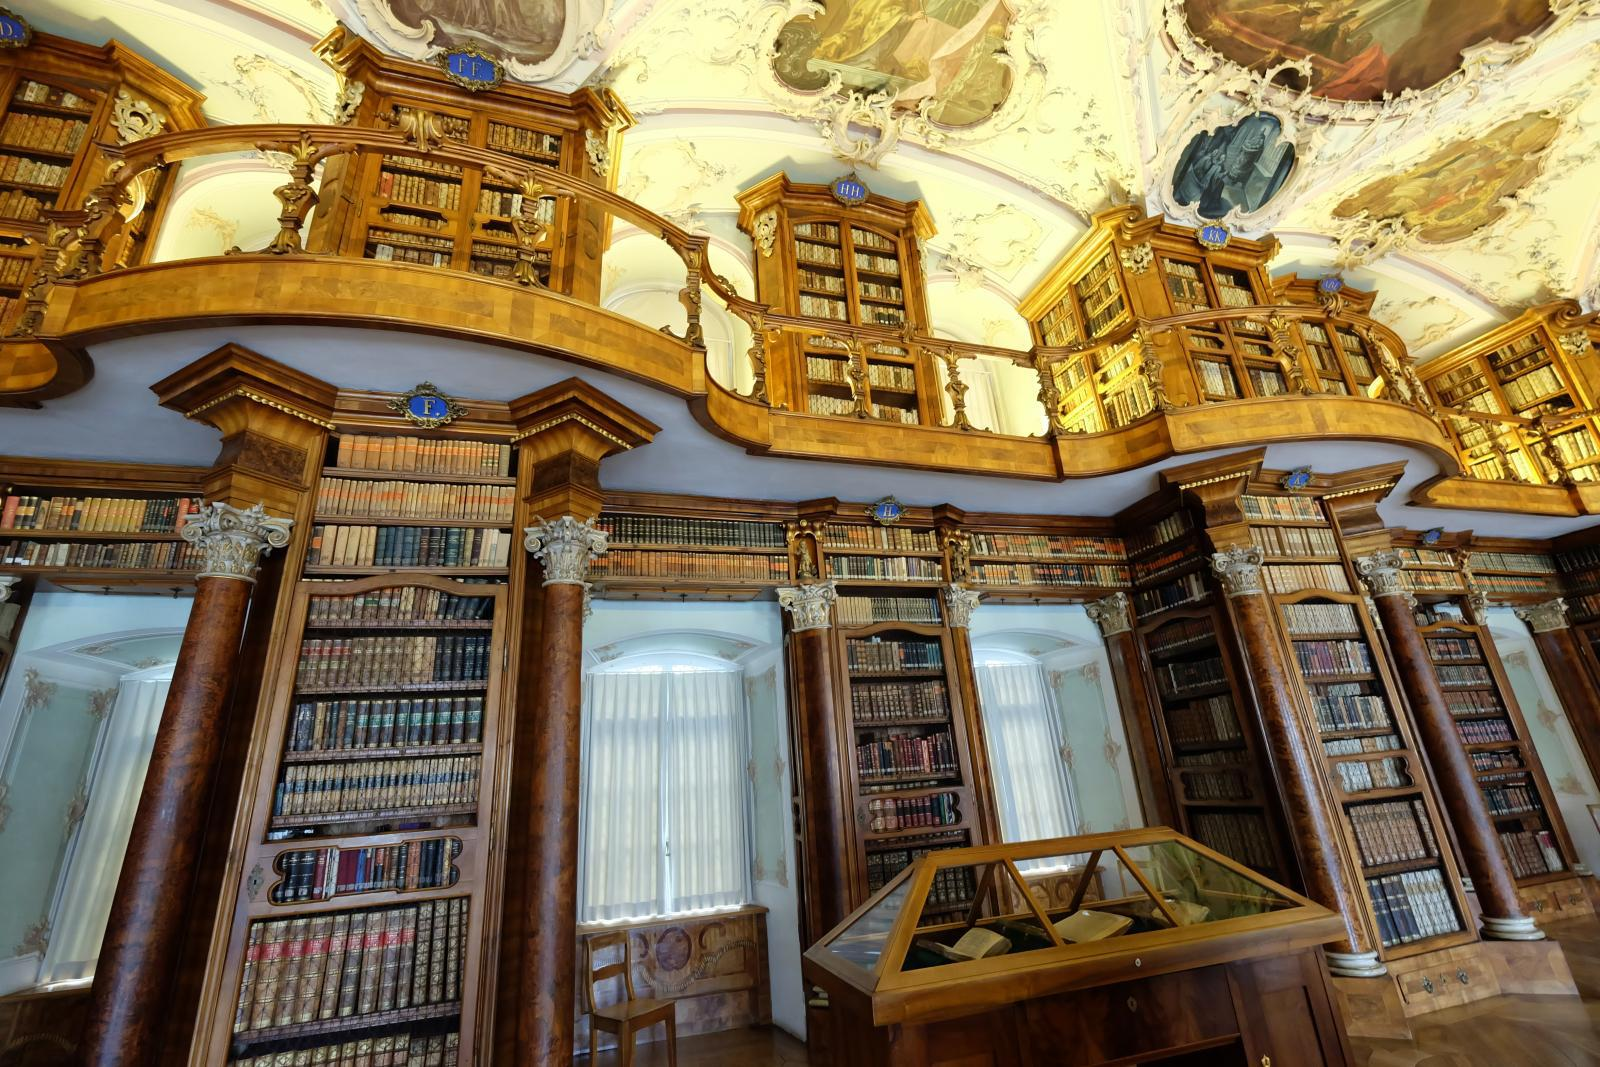 ดูเพลินๆ | Abbey library  ห้องสมุดมรดกโลก | เที่ยวให้สุด สมุดโคจร EP.2